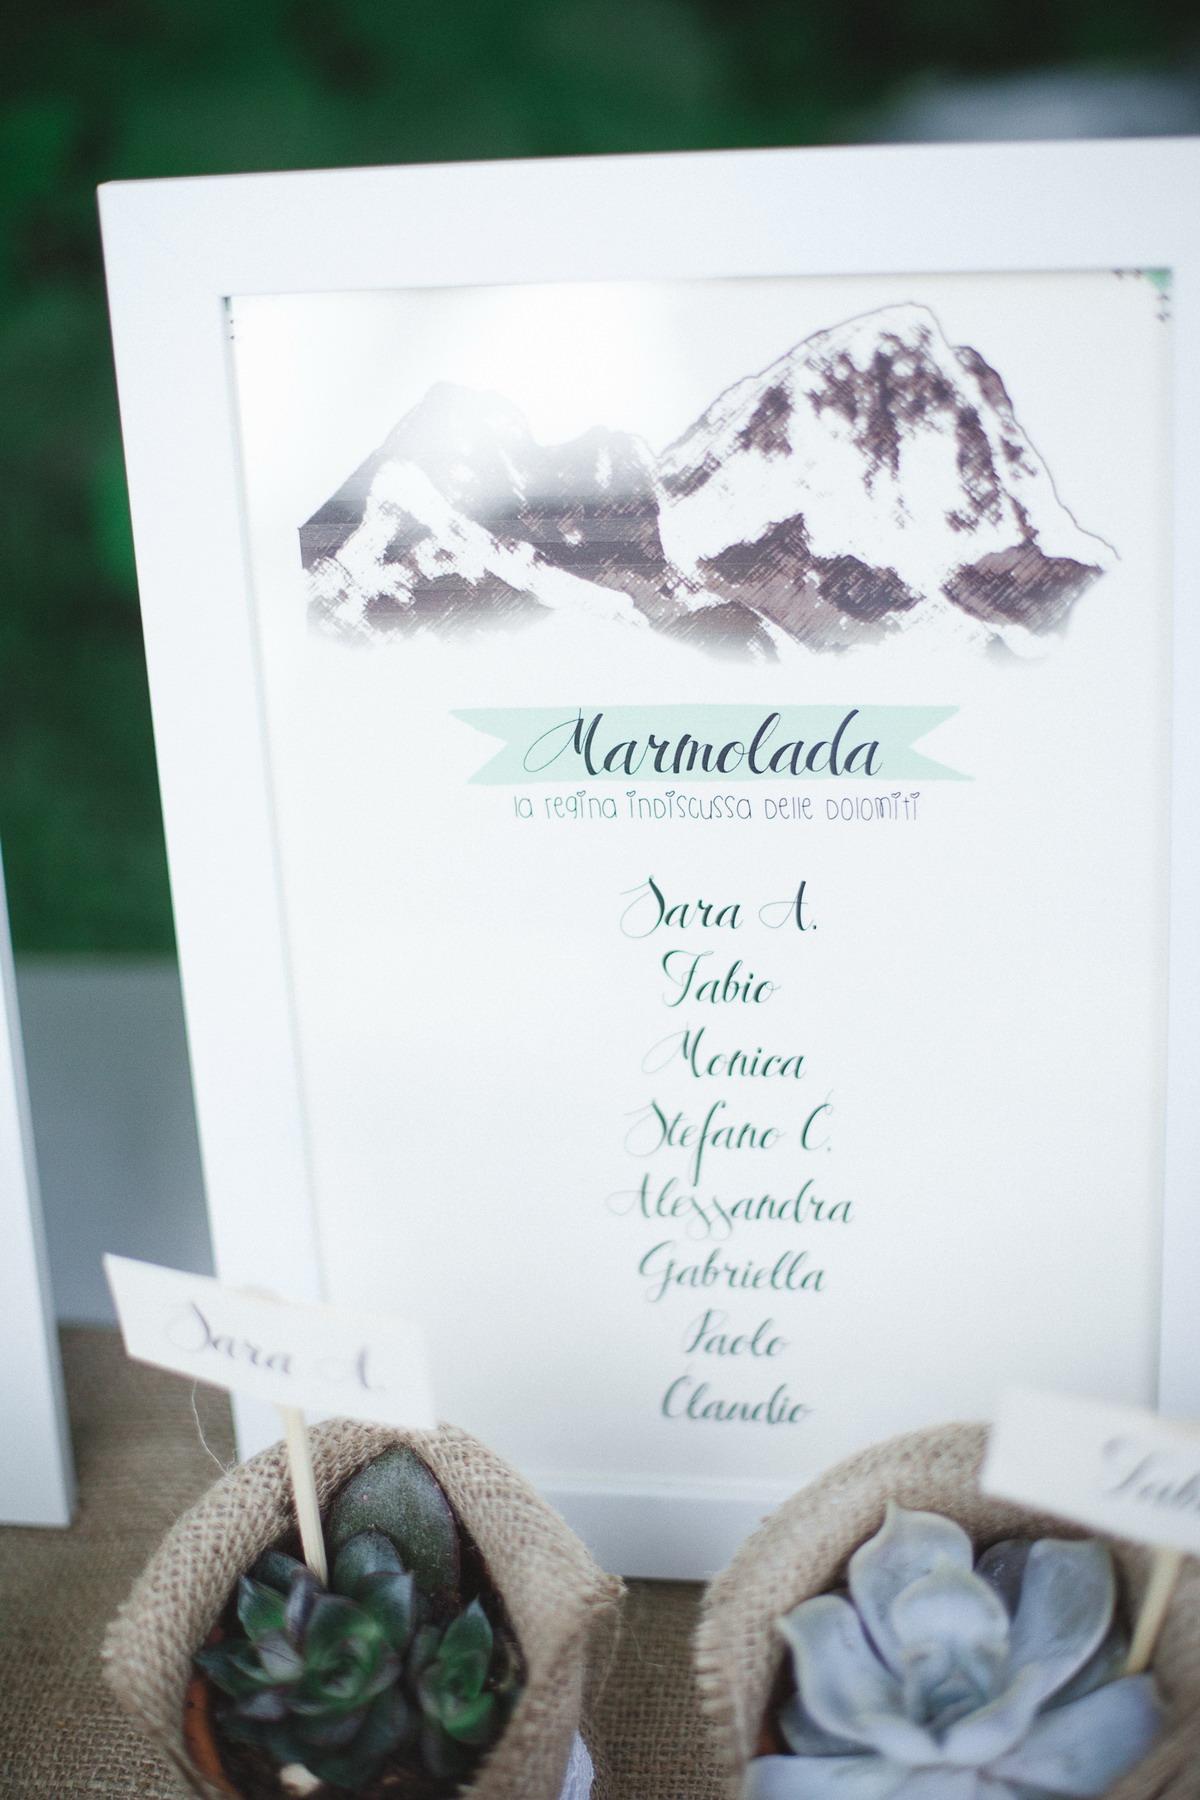 Matrimonio Tema Mare E Monti : Un matrimonio romantico ispirato alle dolomiti wedding wonderland